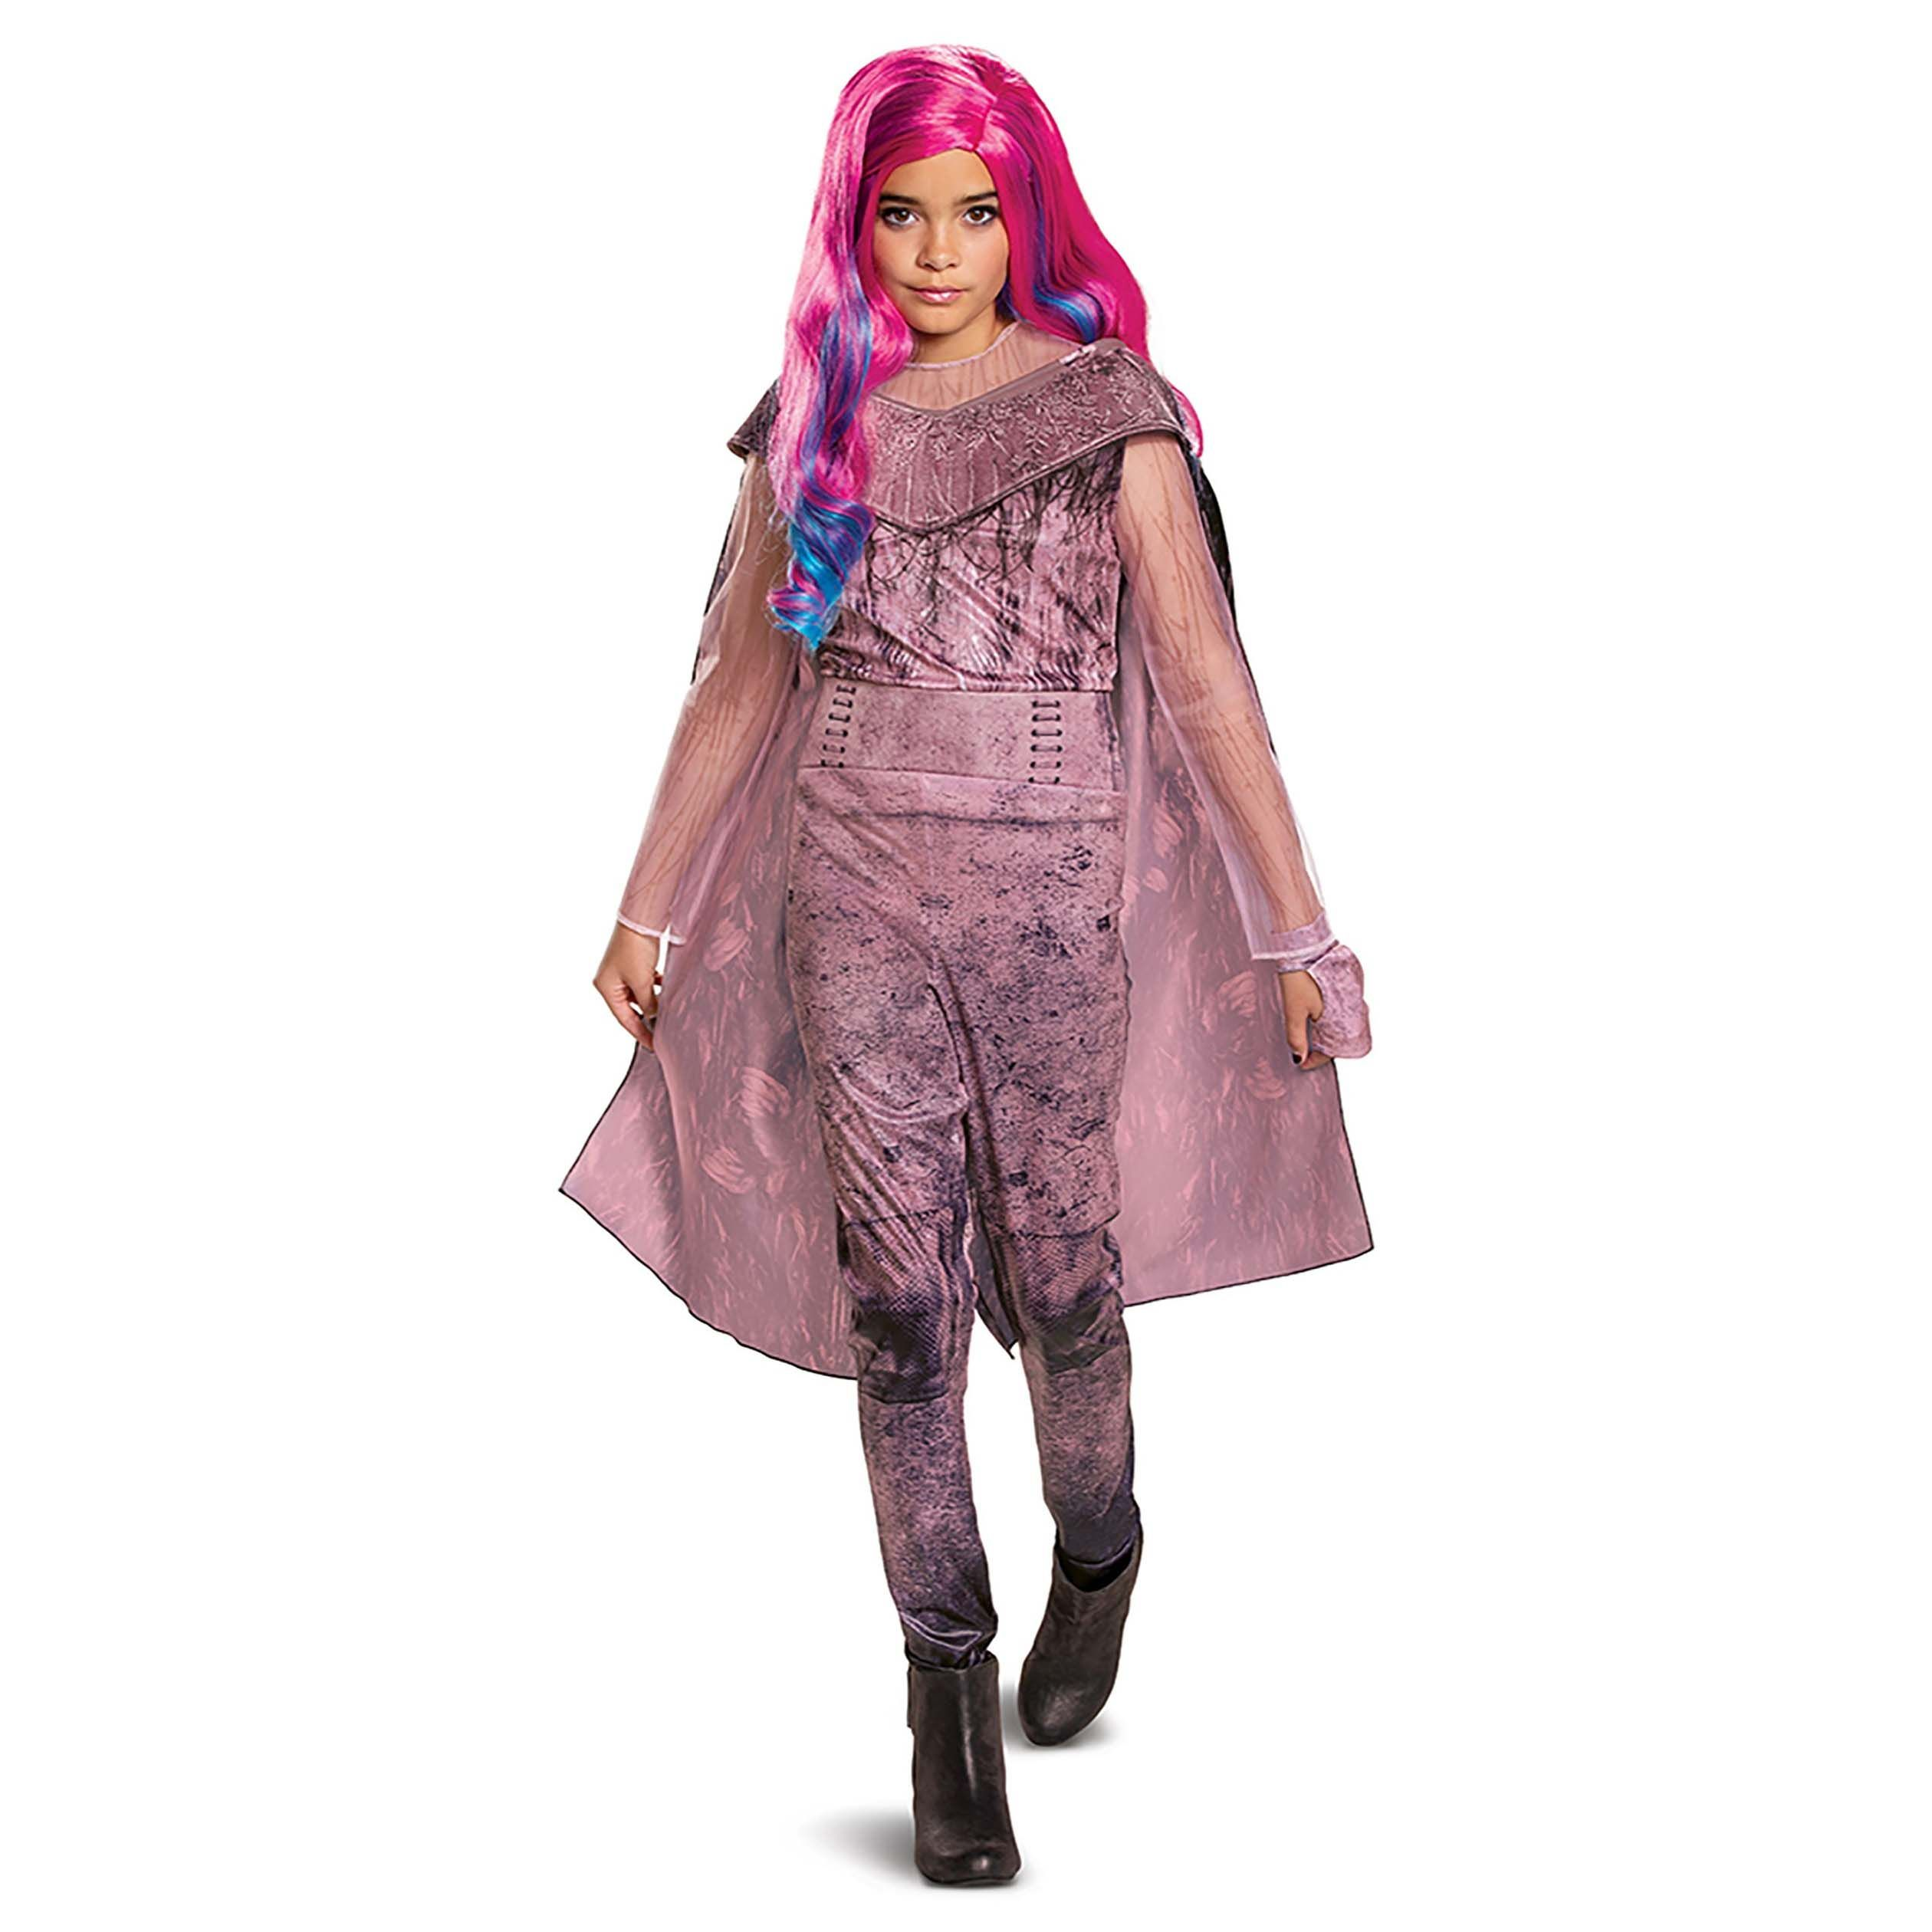 Disfraz De Audrey Deluxe Descendientes 2019 Disfraces Para Chicas Moda De Ropa Atuendo